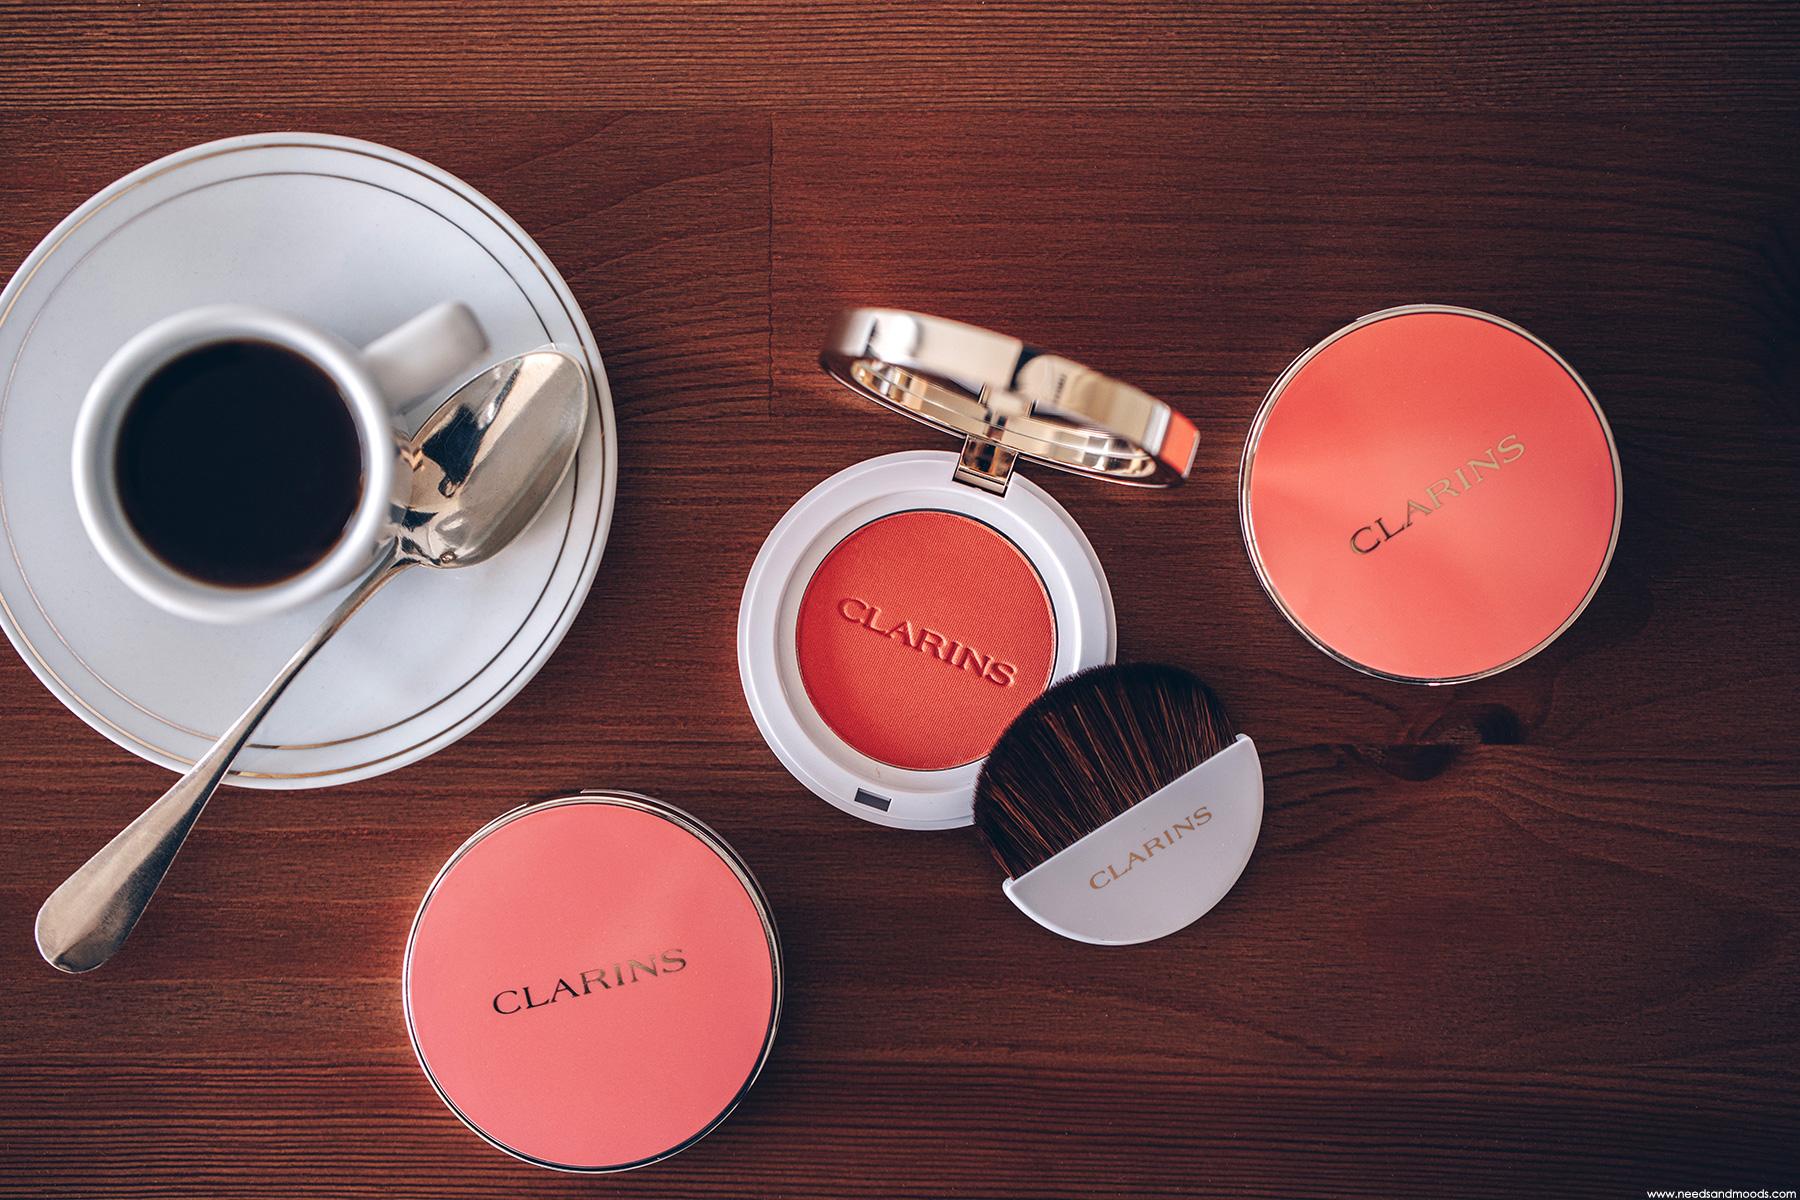 clarins joli blush 07 cheeky peach